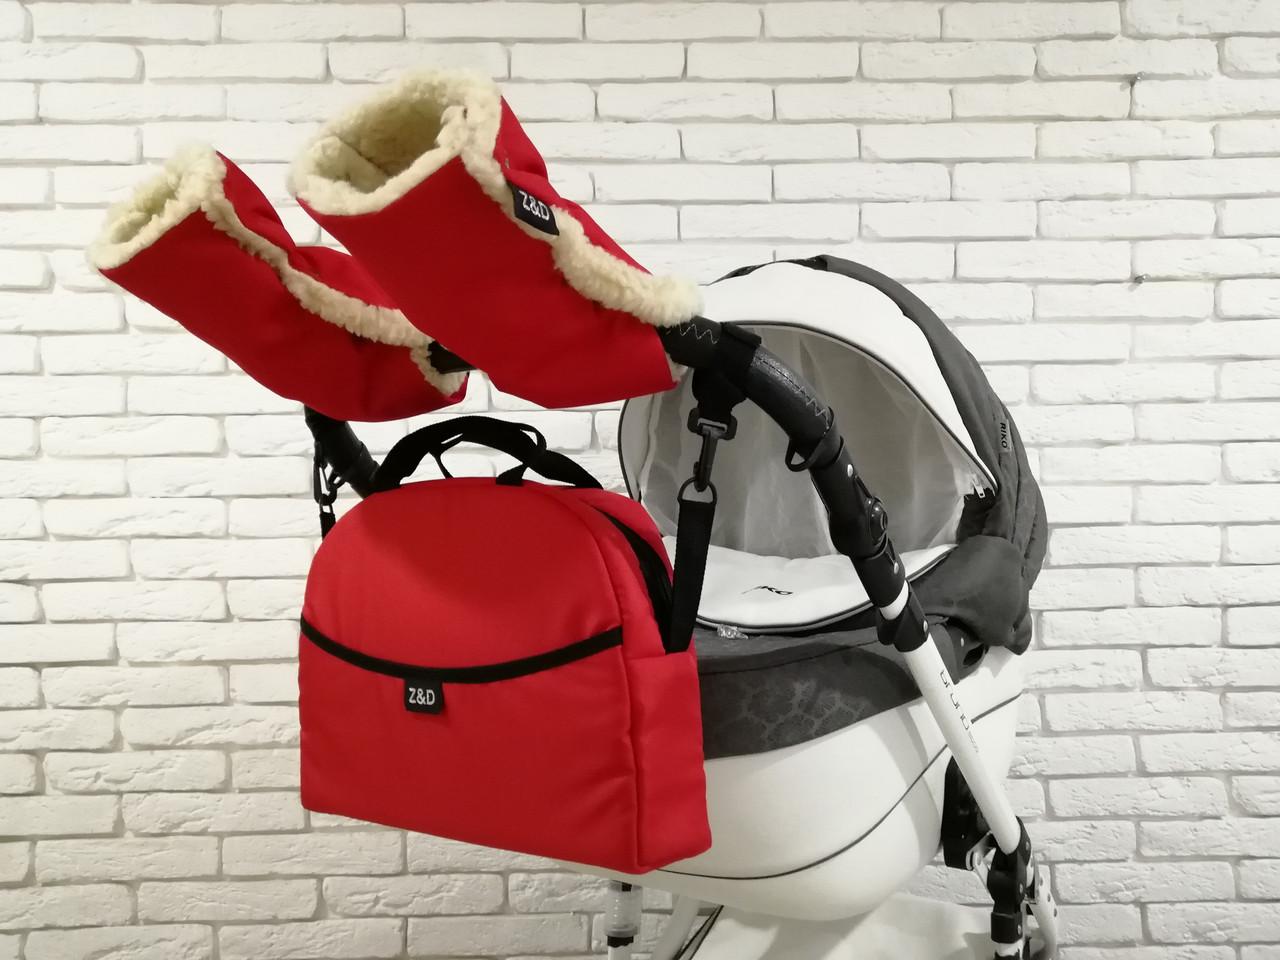 Комплект сумка и рукавички на коляску универсальный (Z&D New Красный)